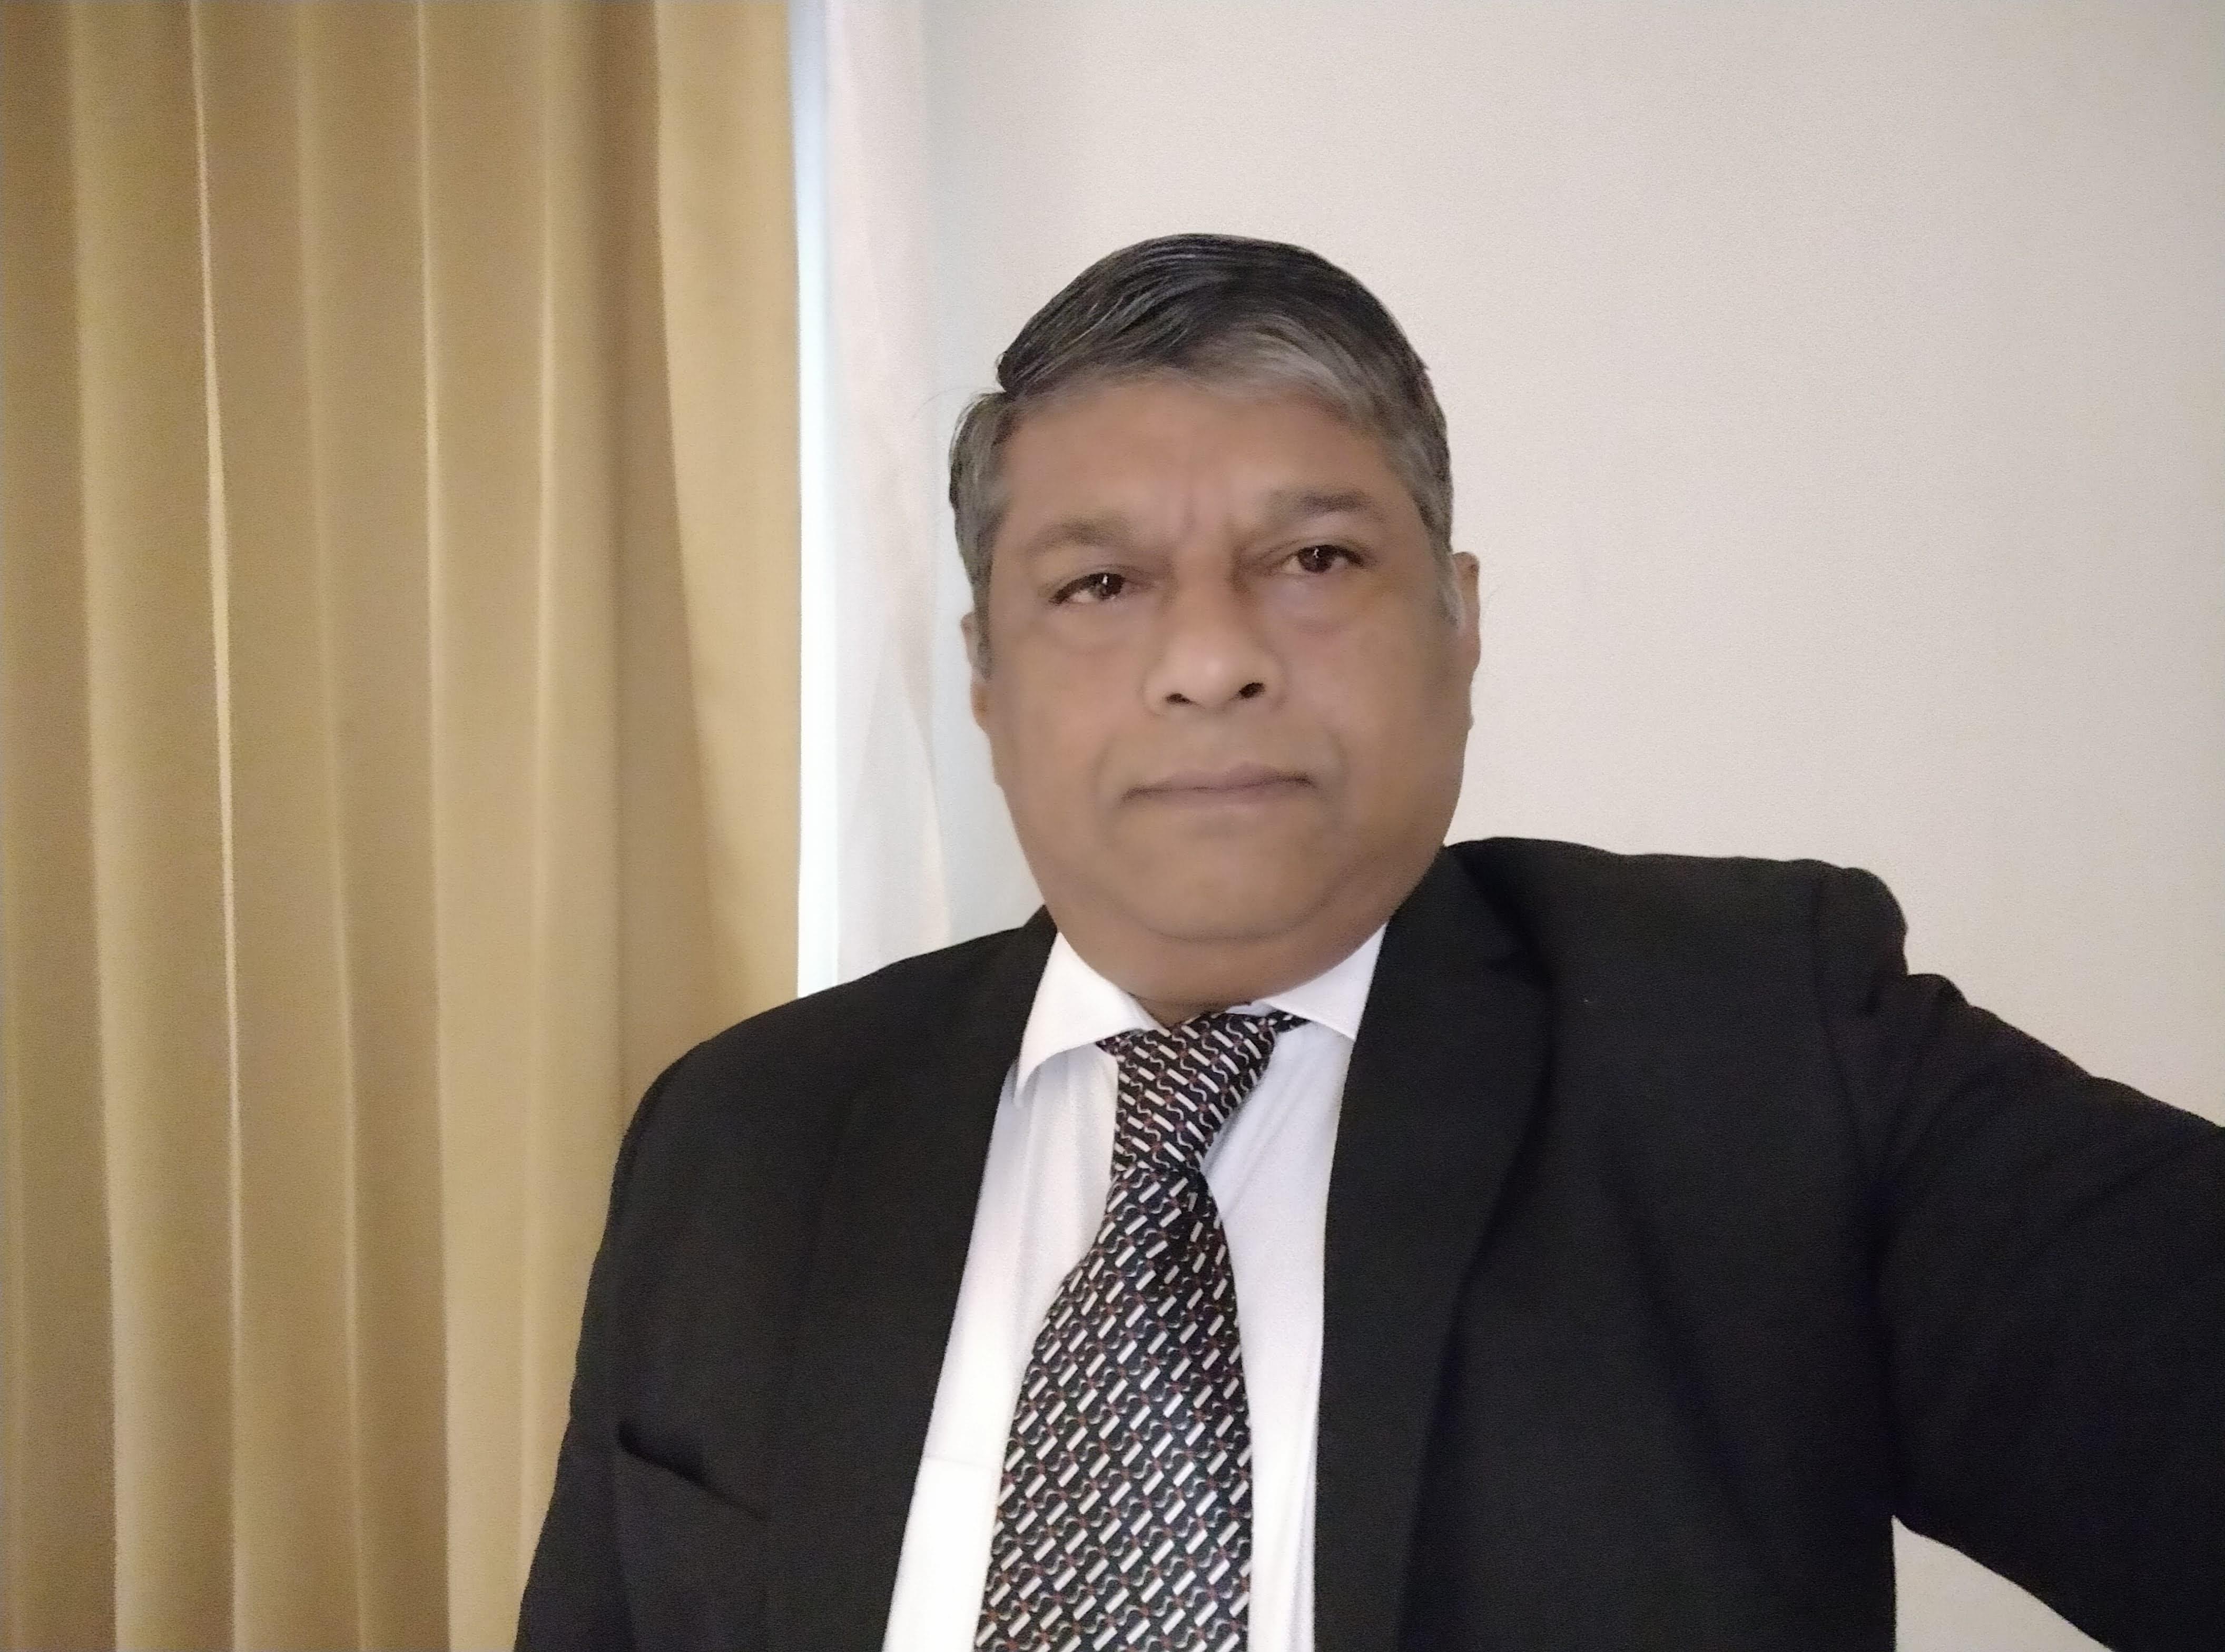 Reji Mathai